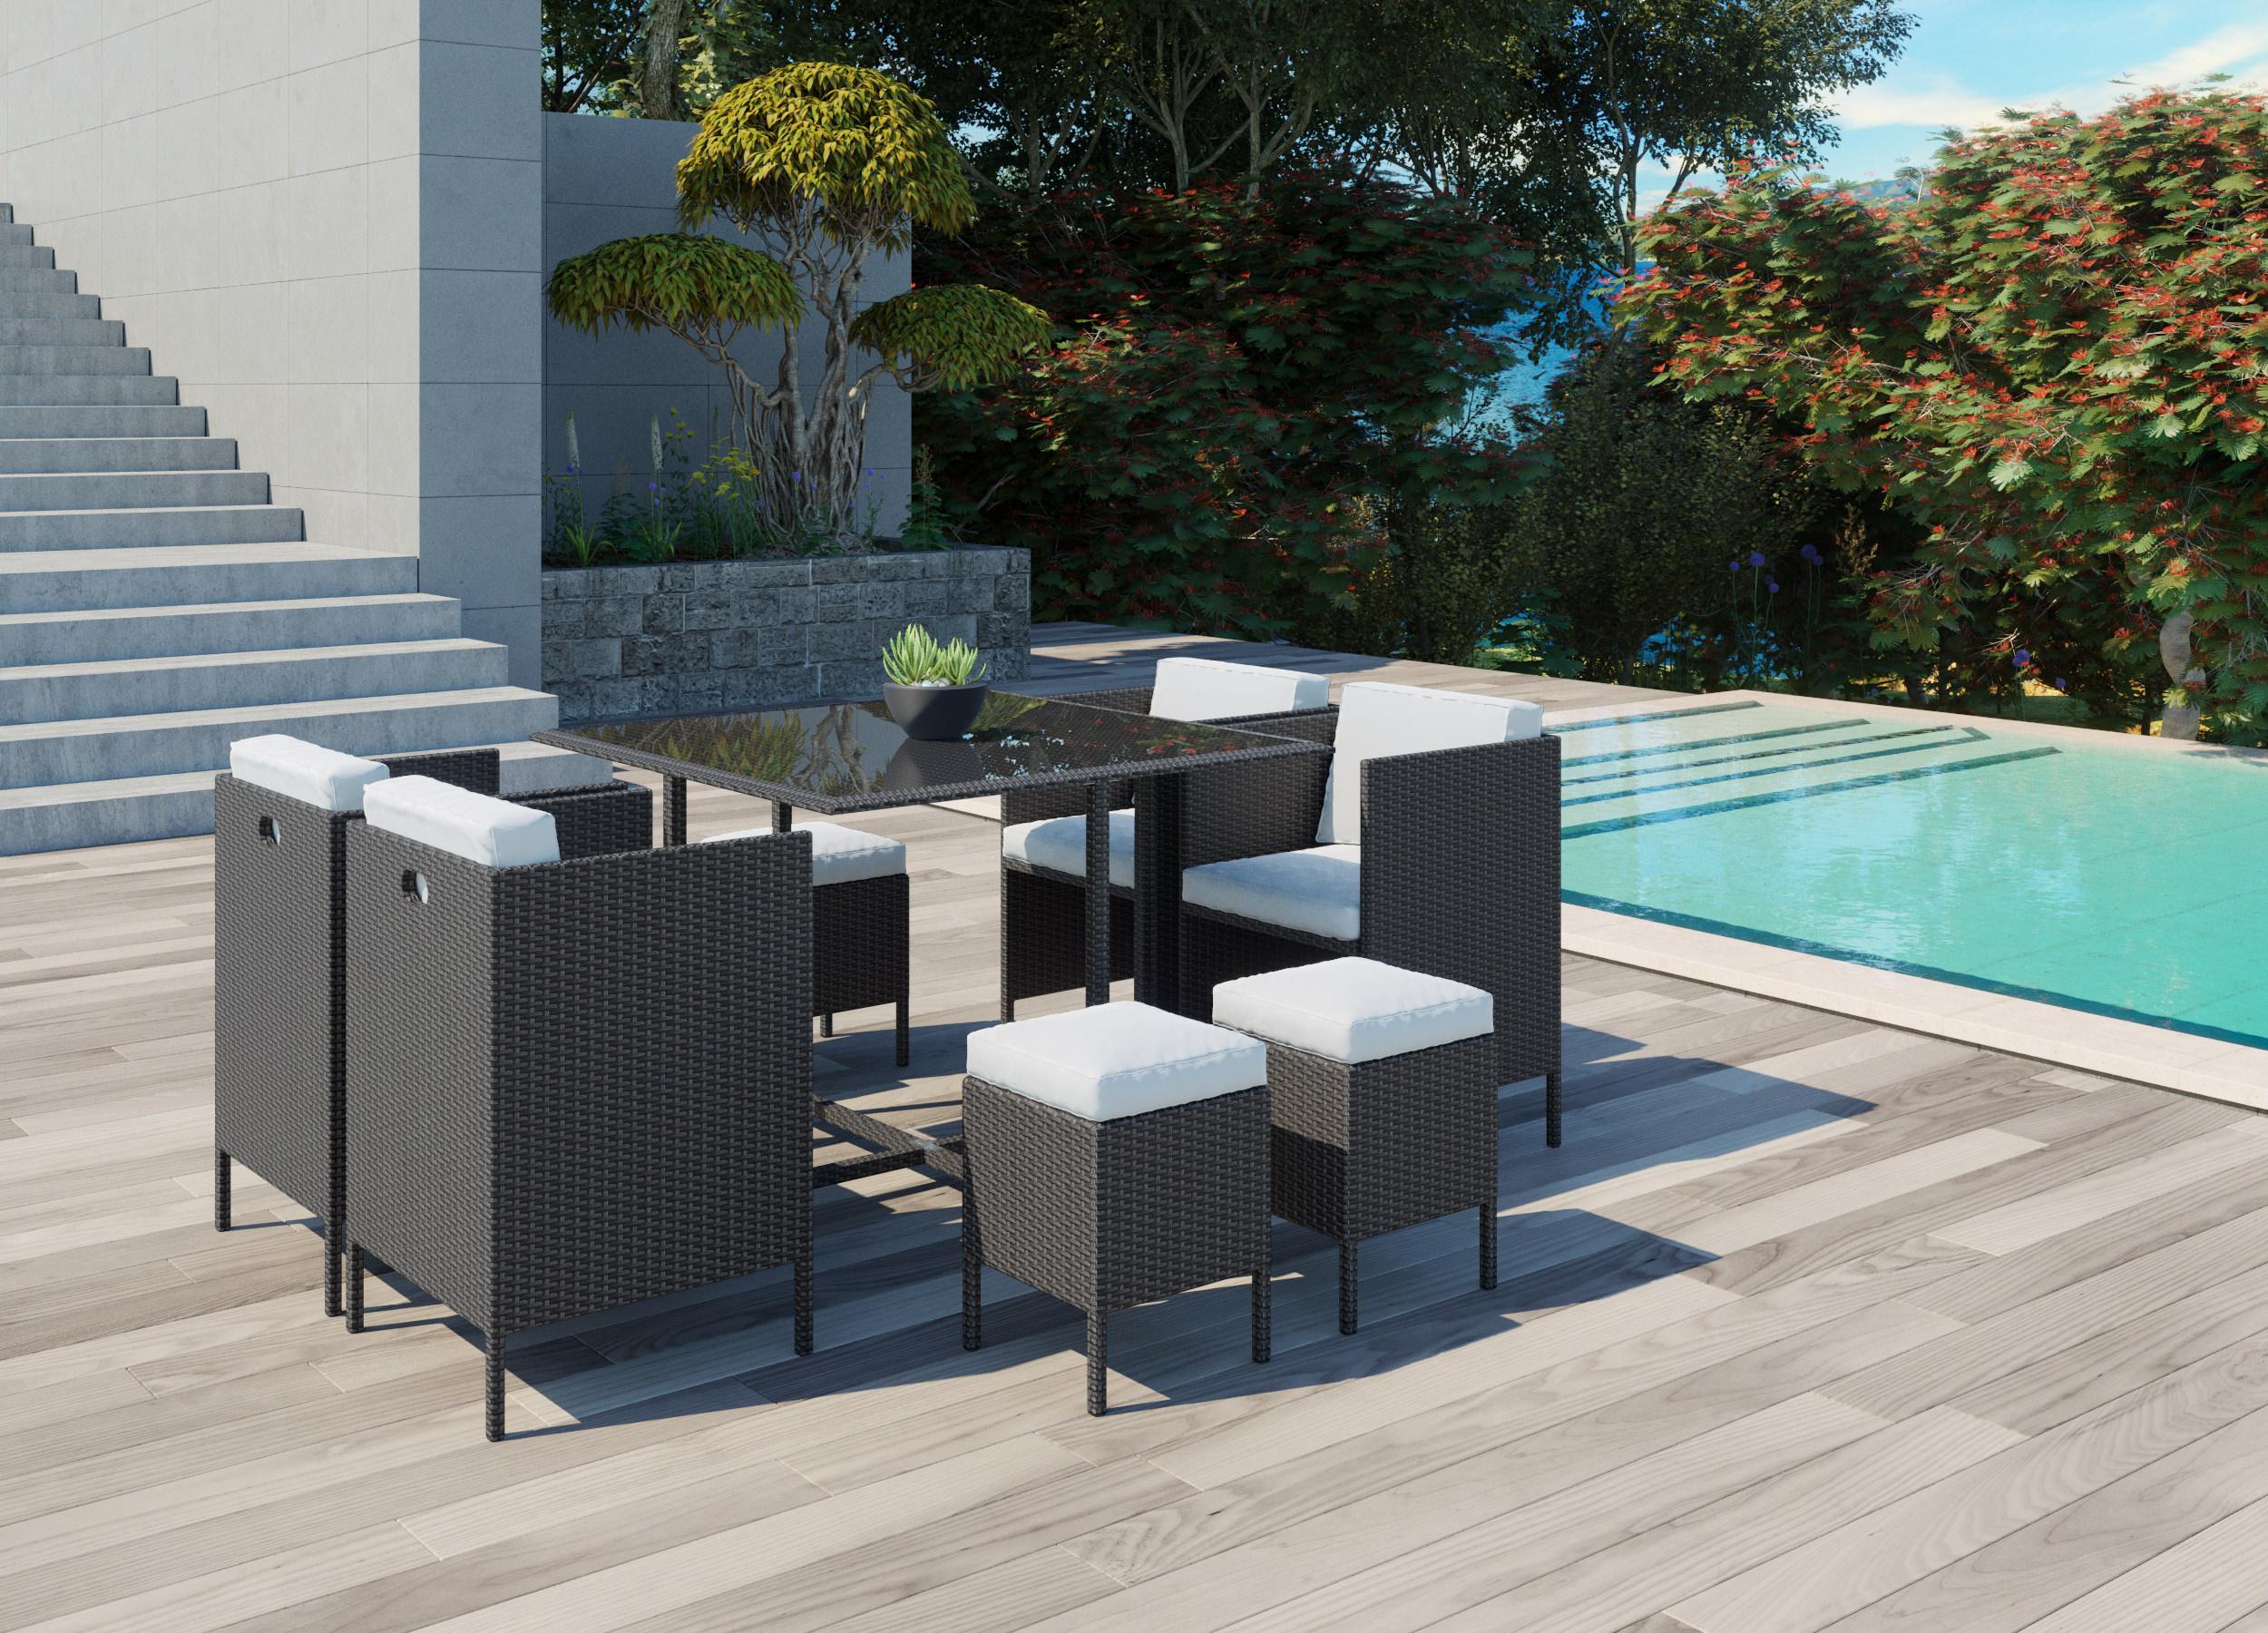 visualisation 3D de meuble extérieur ambiance luxueuse méditerrannéenne